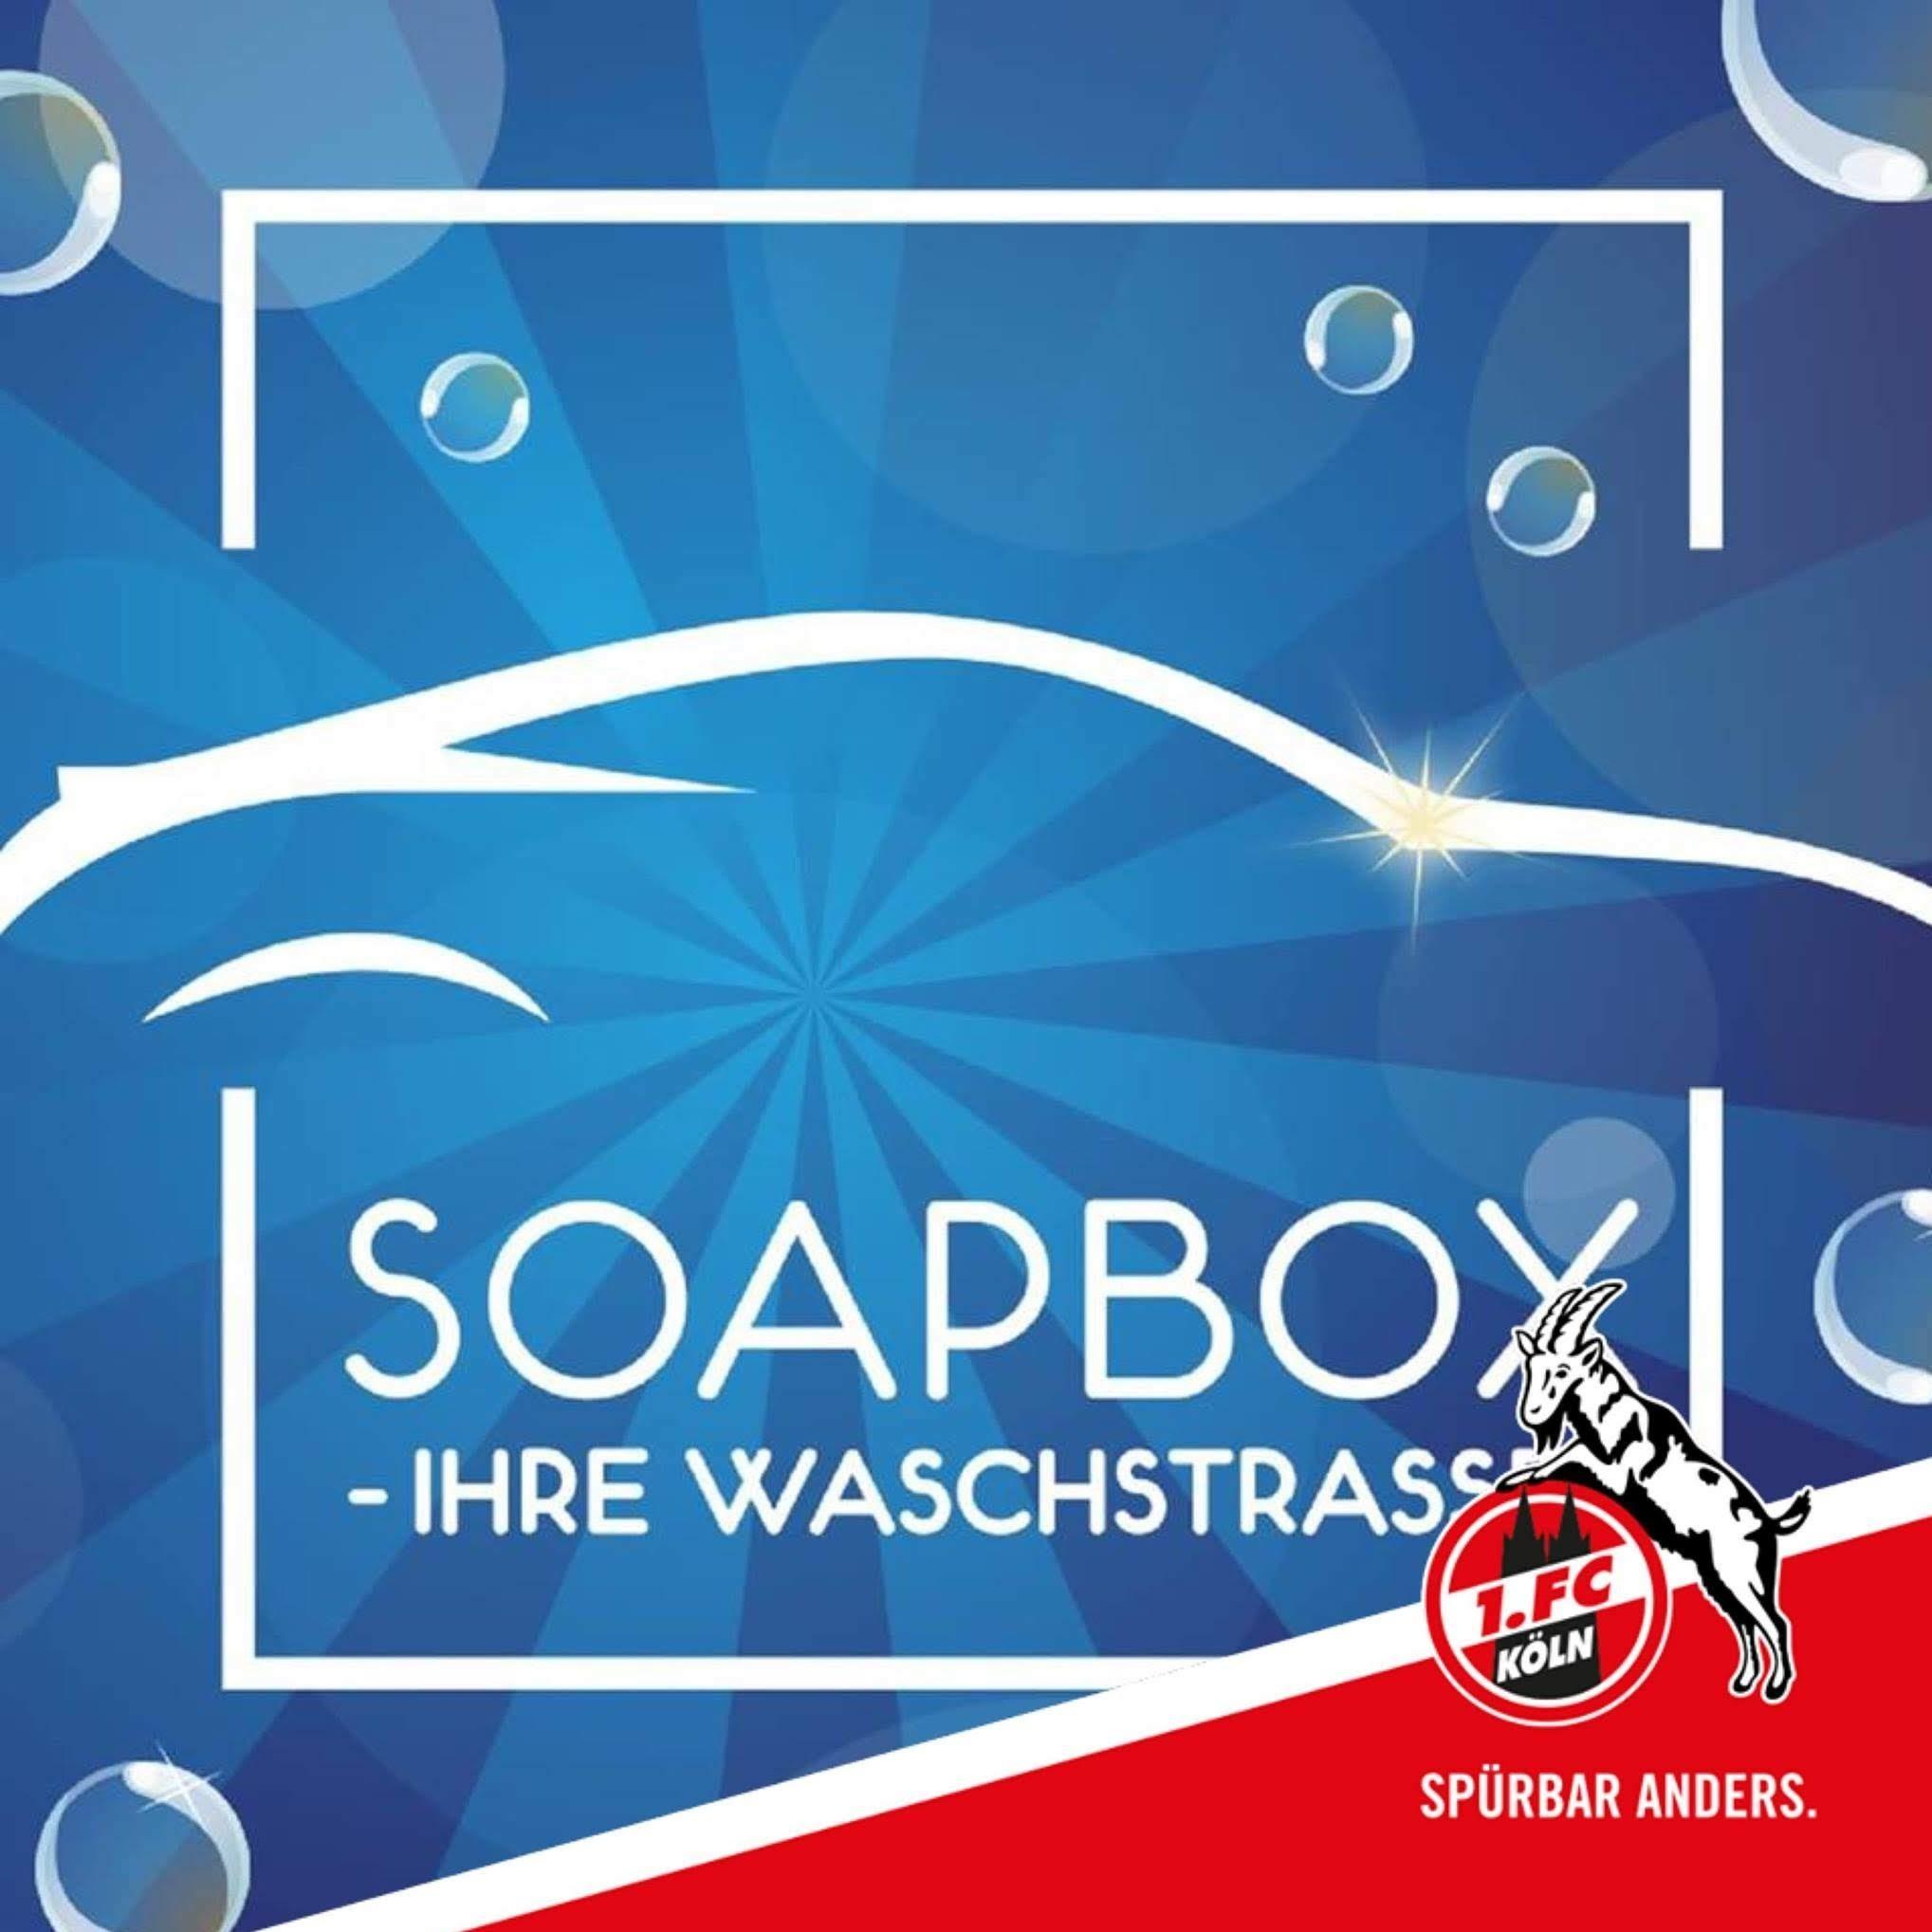 Bild zu Soapbox - Waschstraße I Max-Planck-Str. I Autopflege & Autoaufbereitung Bonn Rhein-Sieg in Sankt Augustin